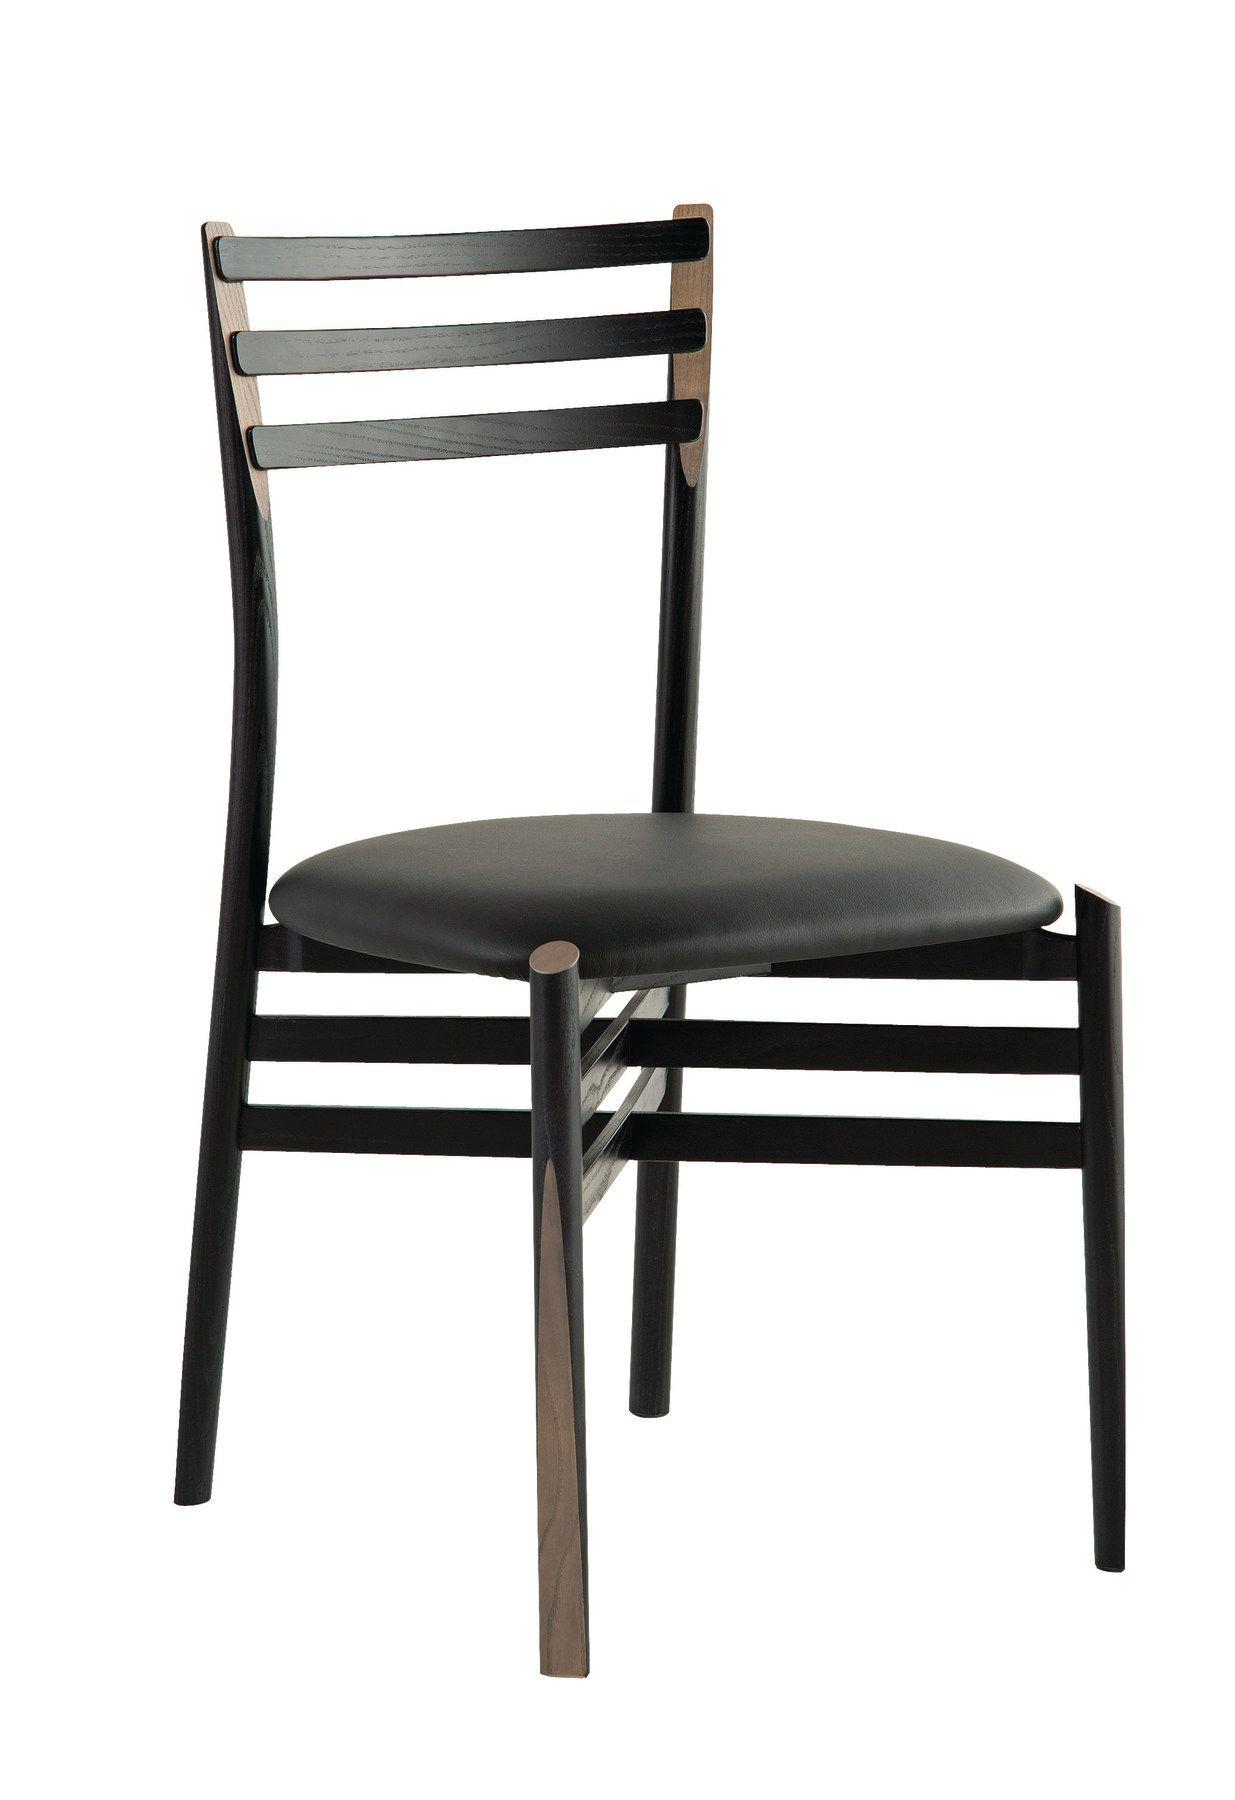 Roche Et Bobois Chaises Fabulous With Roche Et Bobois Chaises #2: pencil chair roche bobois rel2fdda311